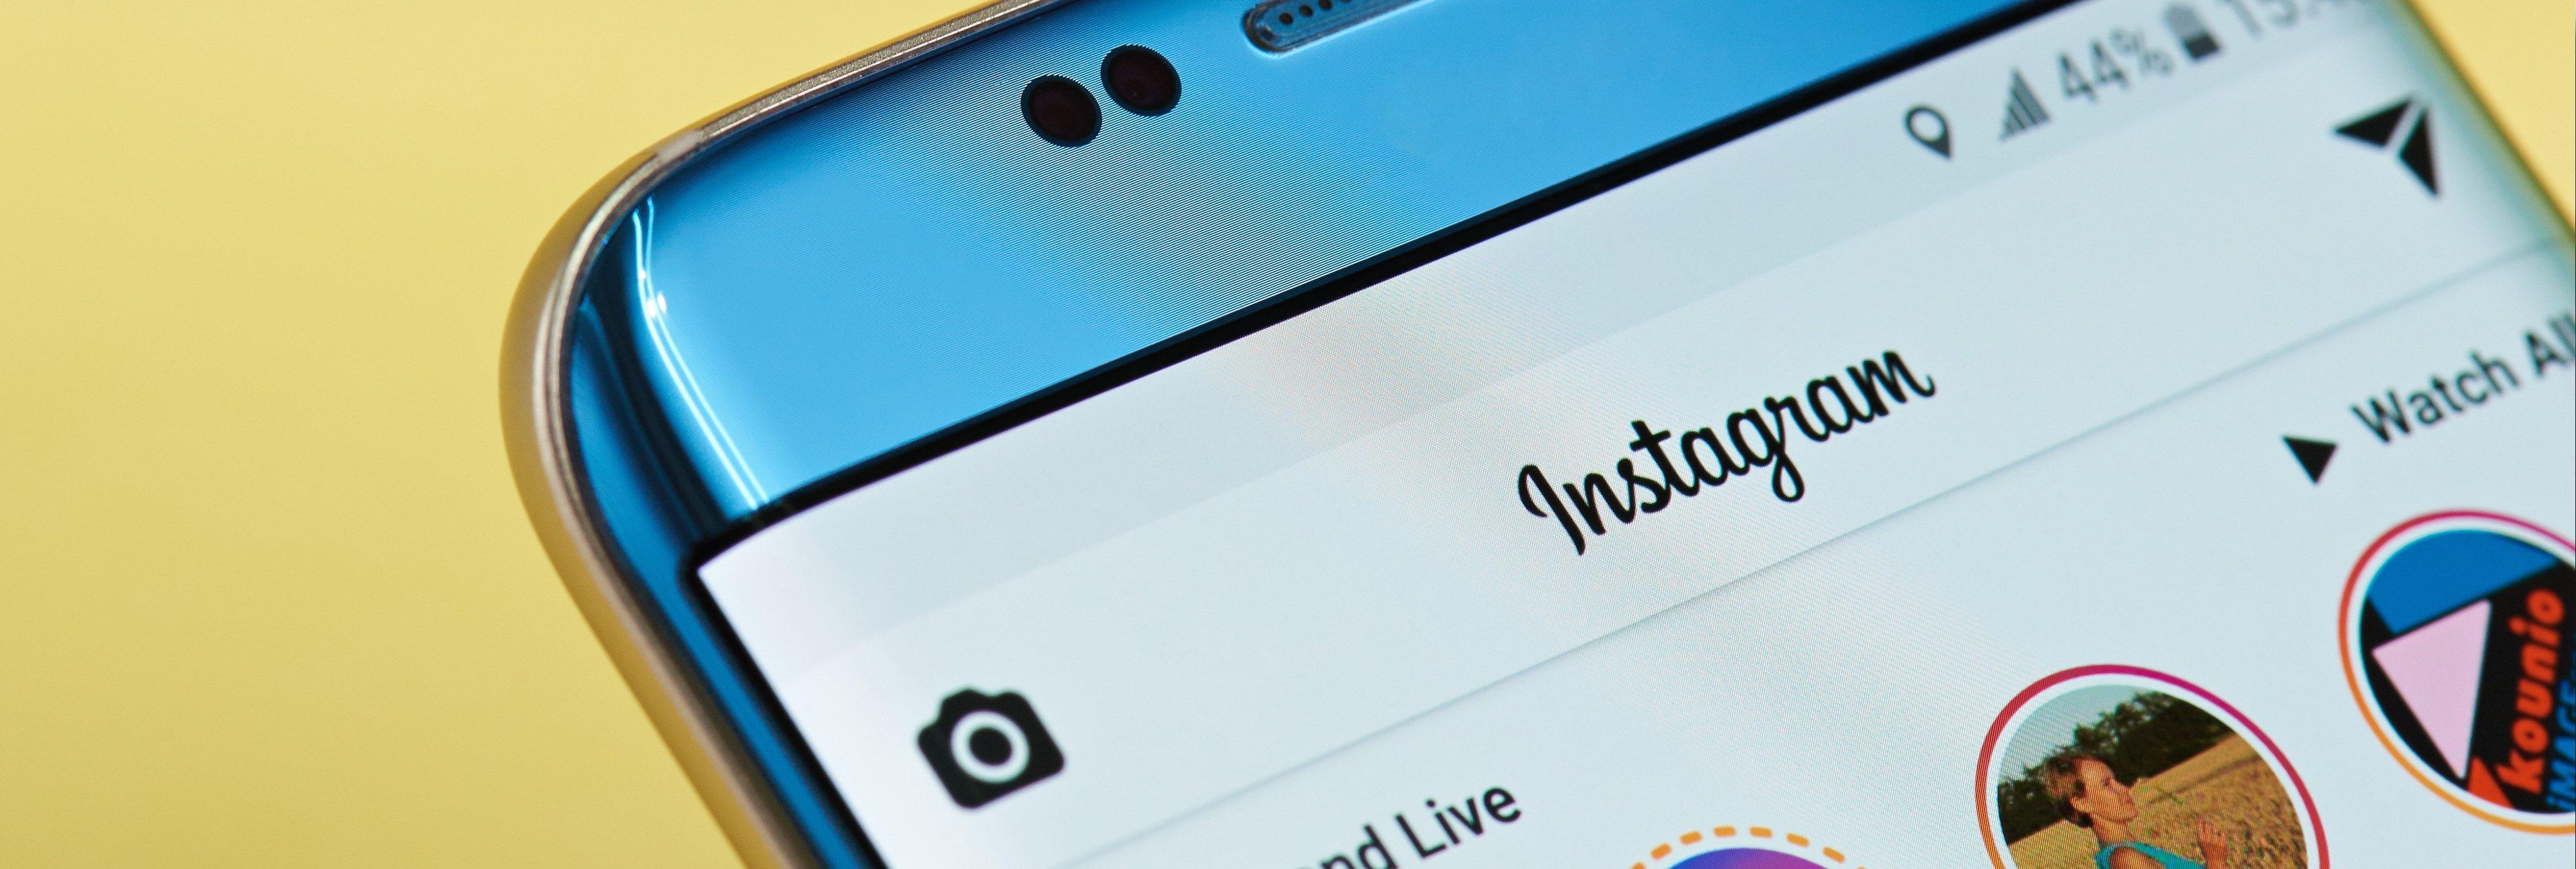 Instagram ocultará la cantidad total de 'Me gusta' en fotos y vídeos